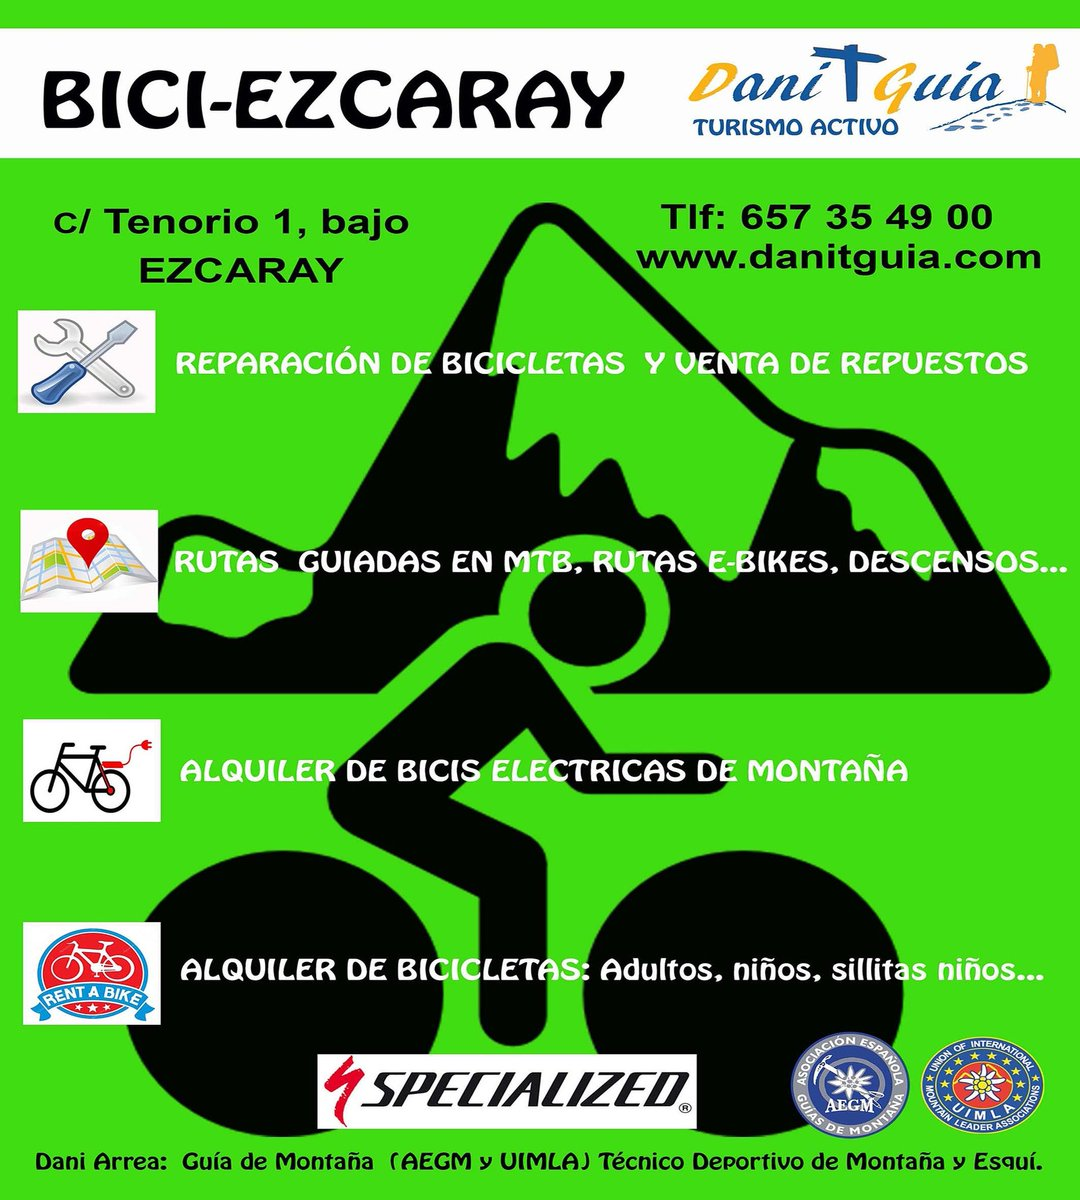 Si quieres disfrutar de la #bicicleta en #Ezcaray  confía en profesionales, confía en DaniTguia #alquilerdebicicletas Rutas guiadas en MTB, Reparación y venta de repuestos #biciselectricas https://t.co/HvxRs7Lvr8 @info_ezcaray #ebikes #guiasdemontaña #mtb #mtbguide  #specialized https://t.co/AcmoyxeN7q